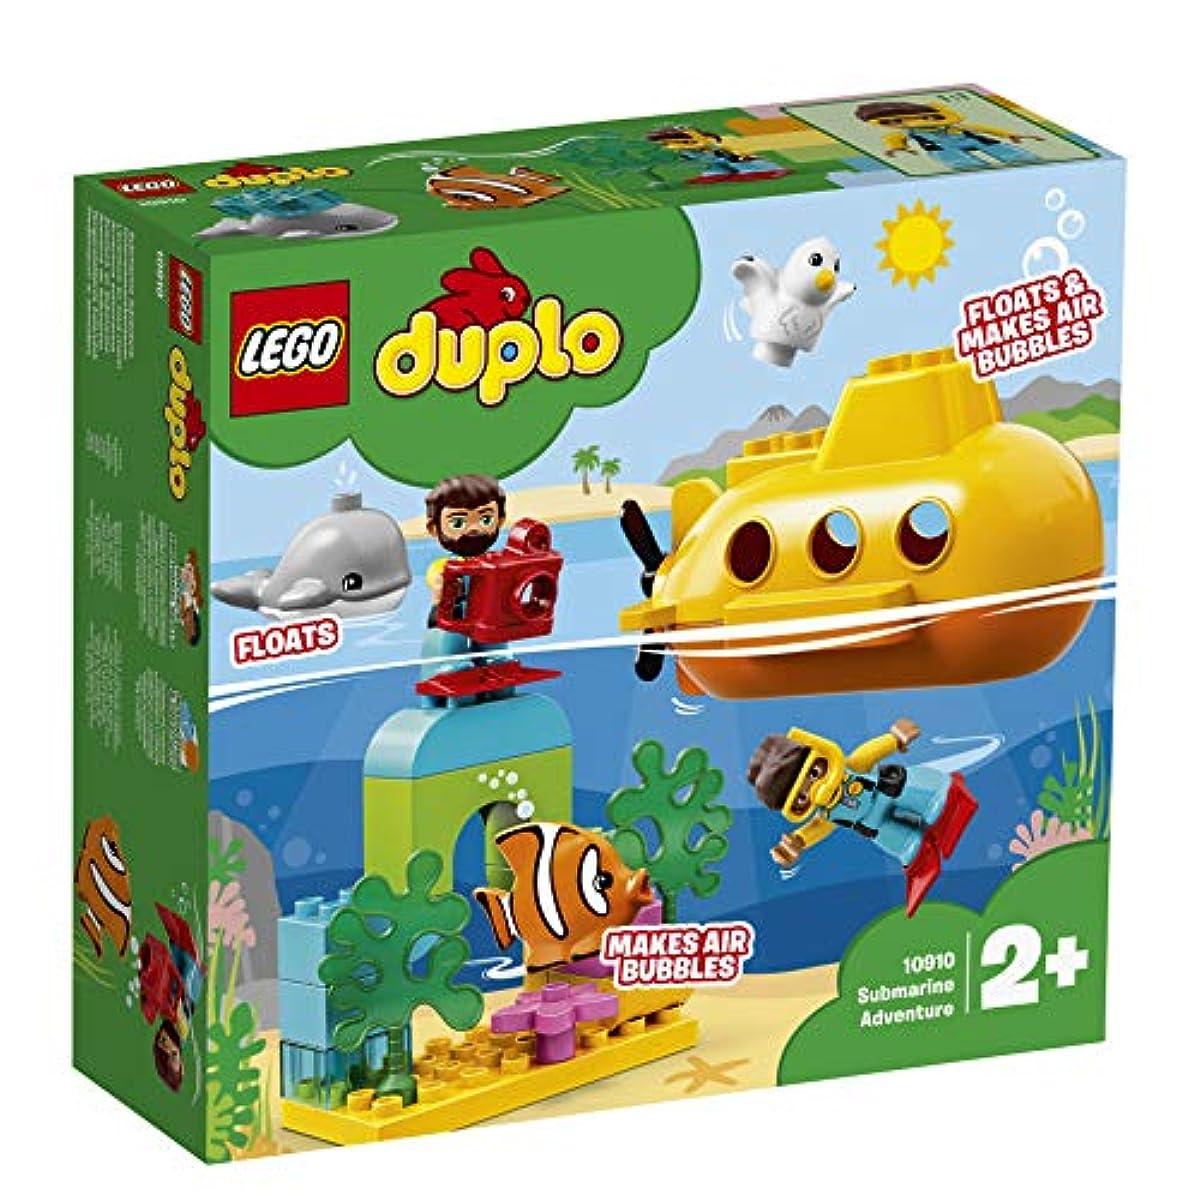 [해외] 레고(LEGO) 듀플로 세계의 동물 서브 마린의 수중 탐험 10910 교육 완구 블럭 장난감 소녀 사내 아이